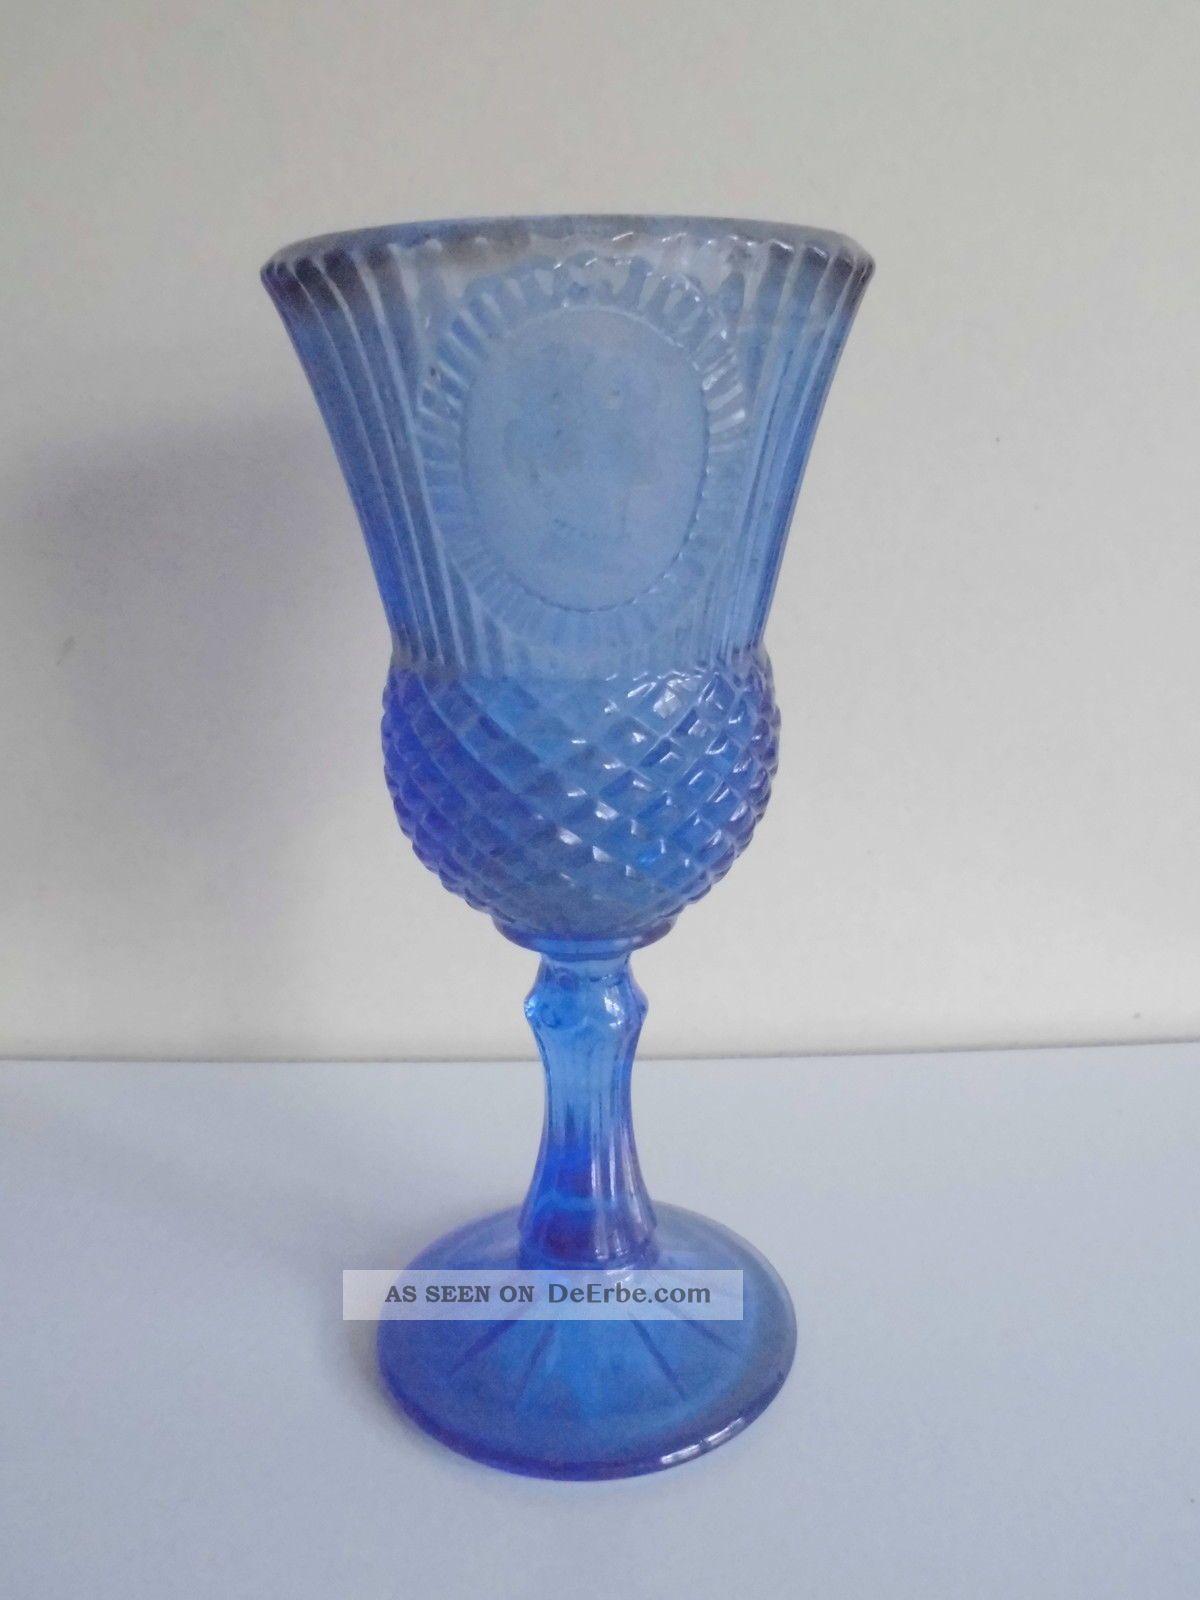 Avon Stielglas Pressglas Kelchglas Blau Motiv Sammler Sammlerglas Bild